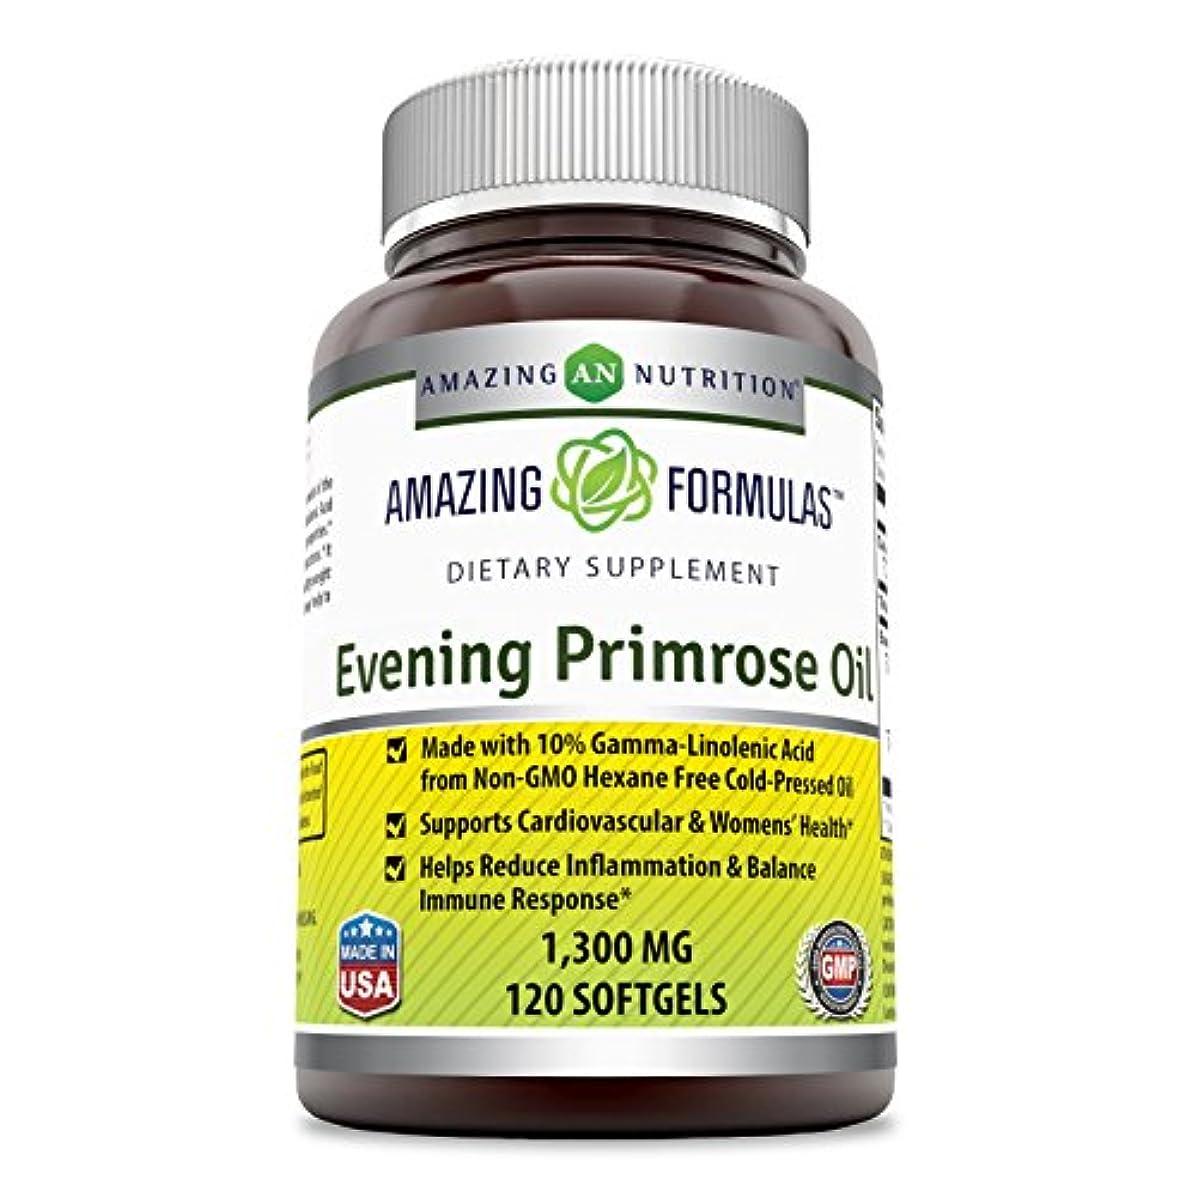 いわゆるフォーク推測Amazing Formulas Evening Primrose Oil 1300 Mg 120 Softgels - High Potency- Made with 10% Gamma Linoleic from Non-GMO...